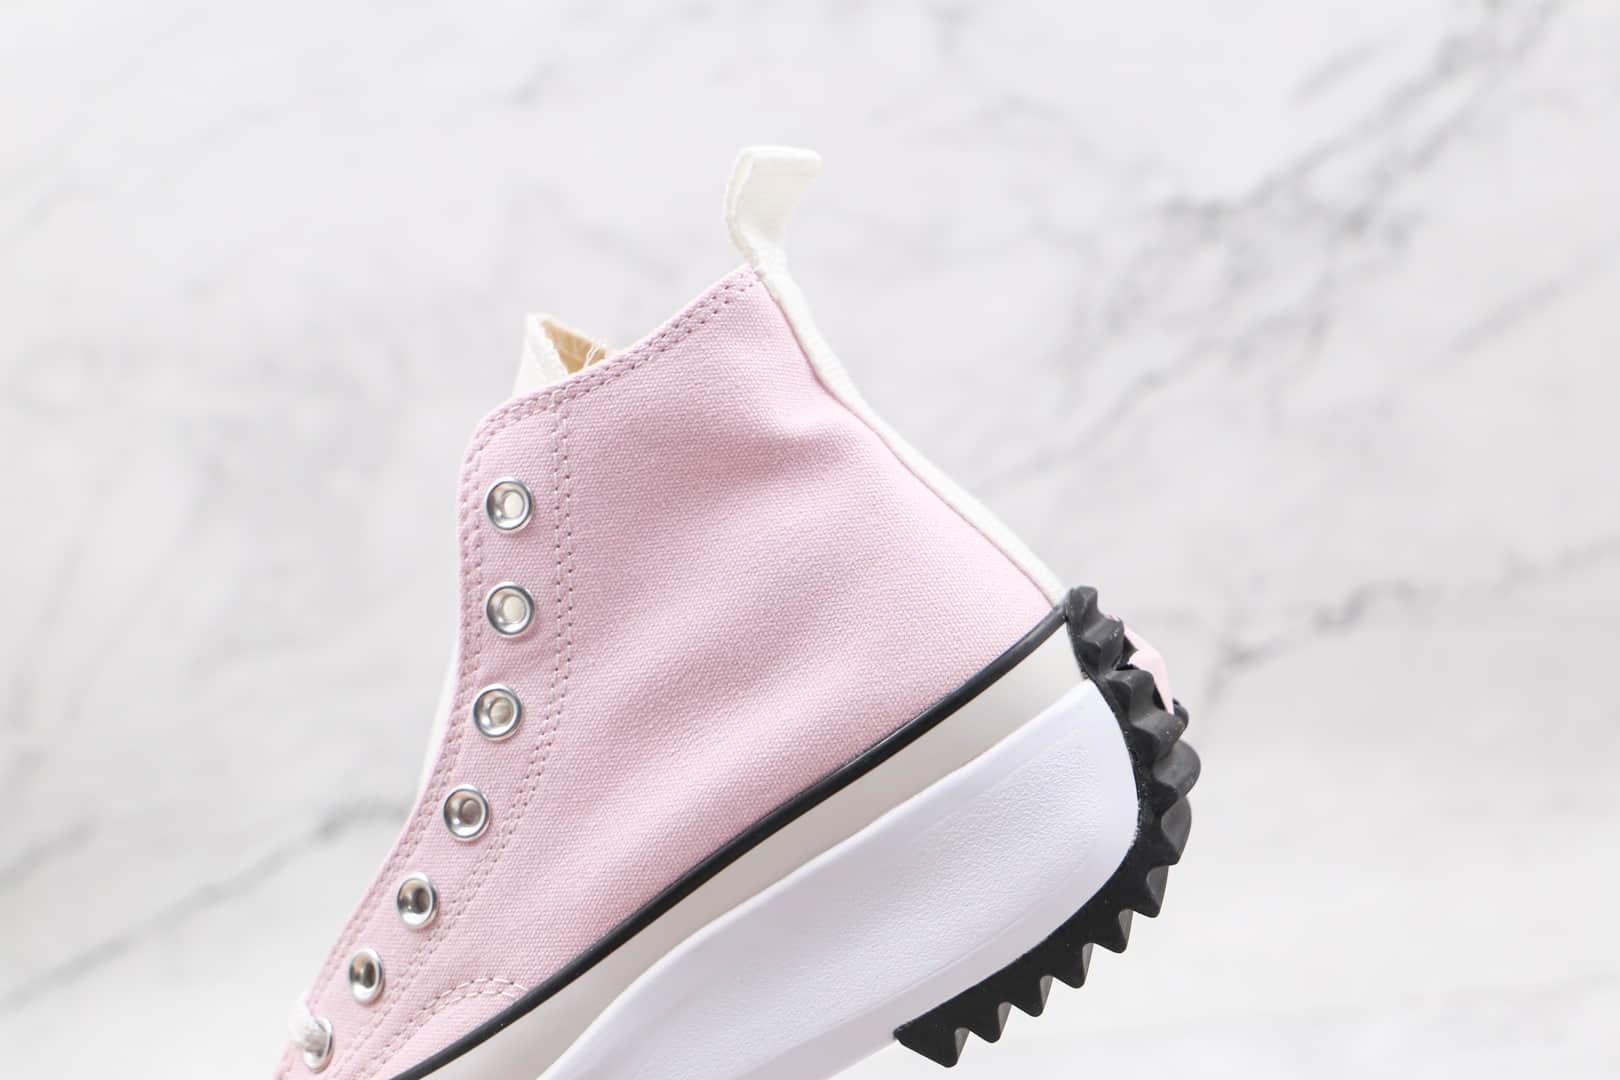 匡威CONVERSE Run Star Hike公司级版本厚底锯齿粉蜜桃拼接鸳鸯帆布鞋原楦头纸板打造 货号:170968C